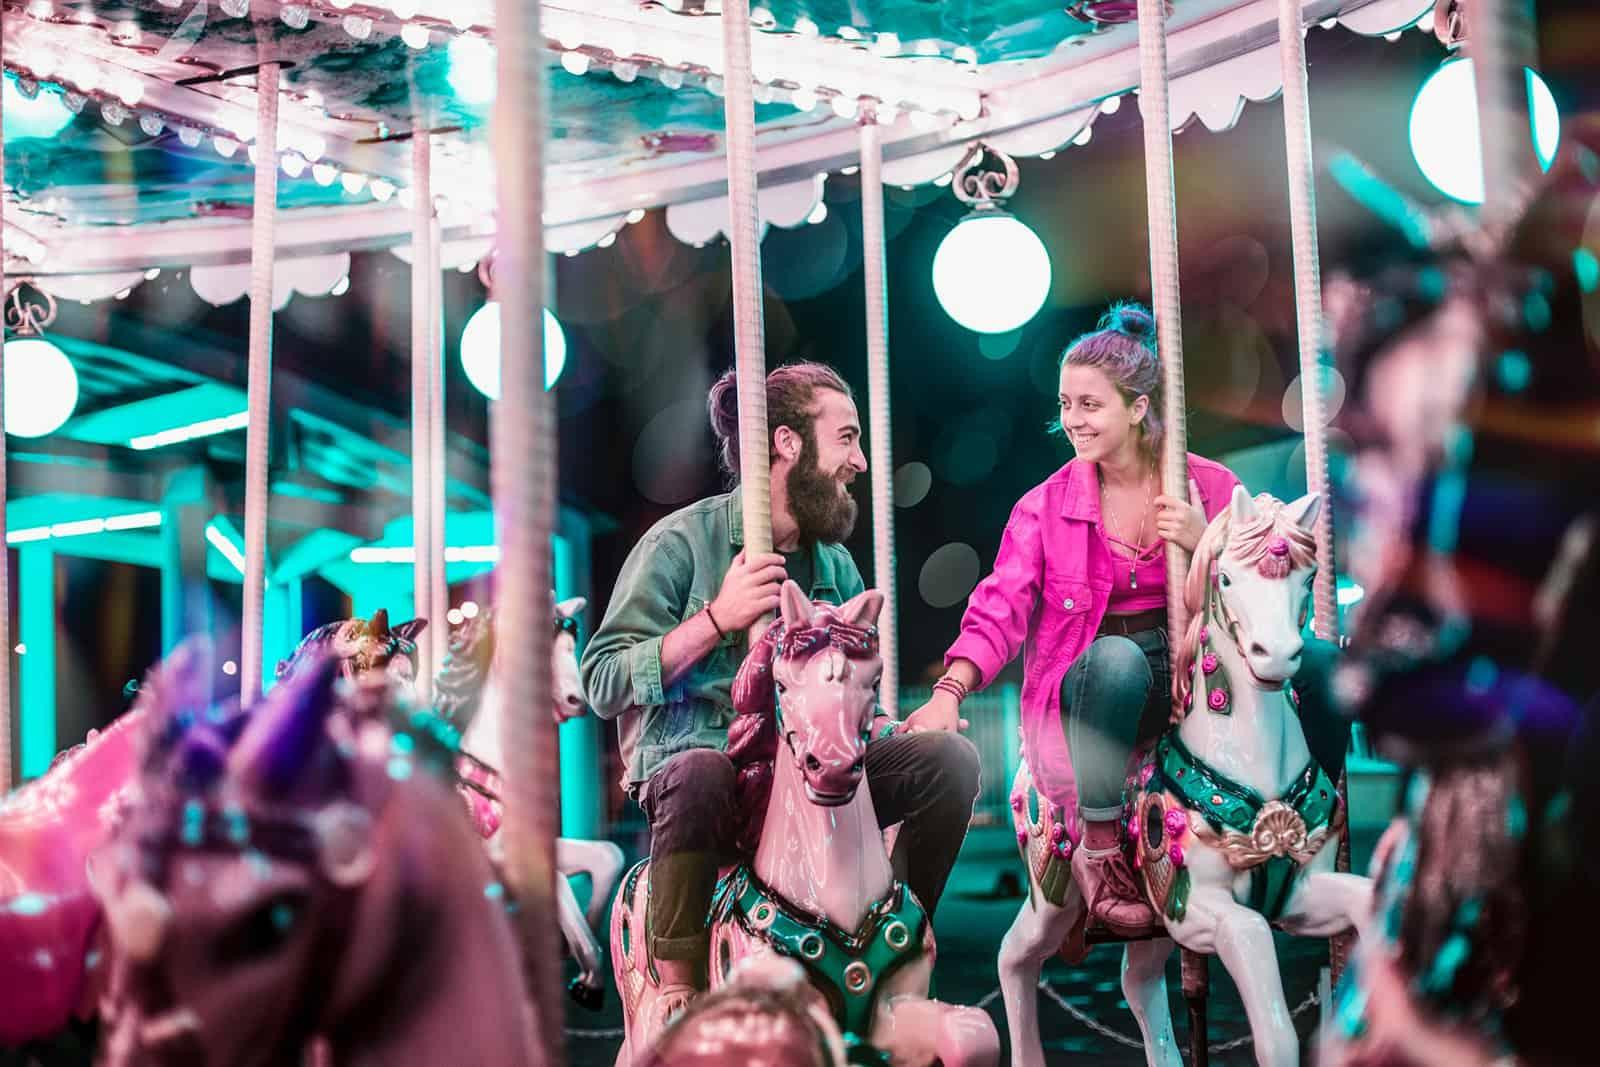 Ein Mann und eine Frau fahren Karussell und halten sich an den Händen